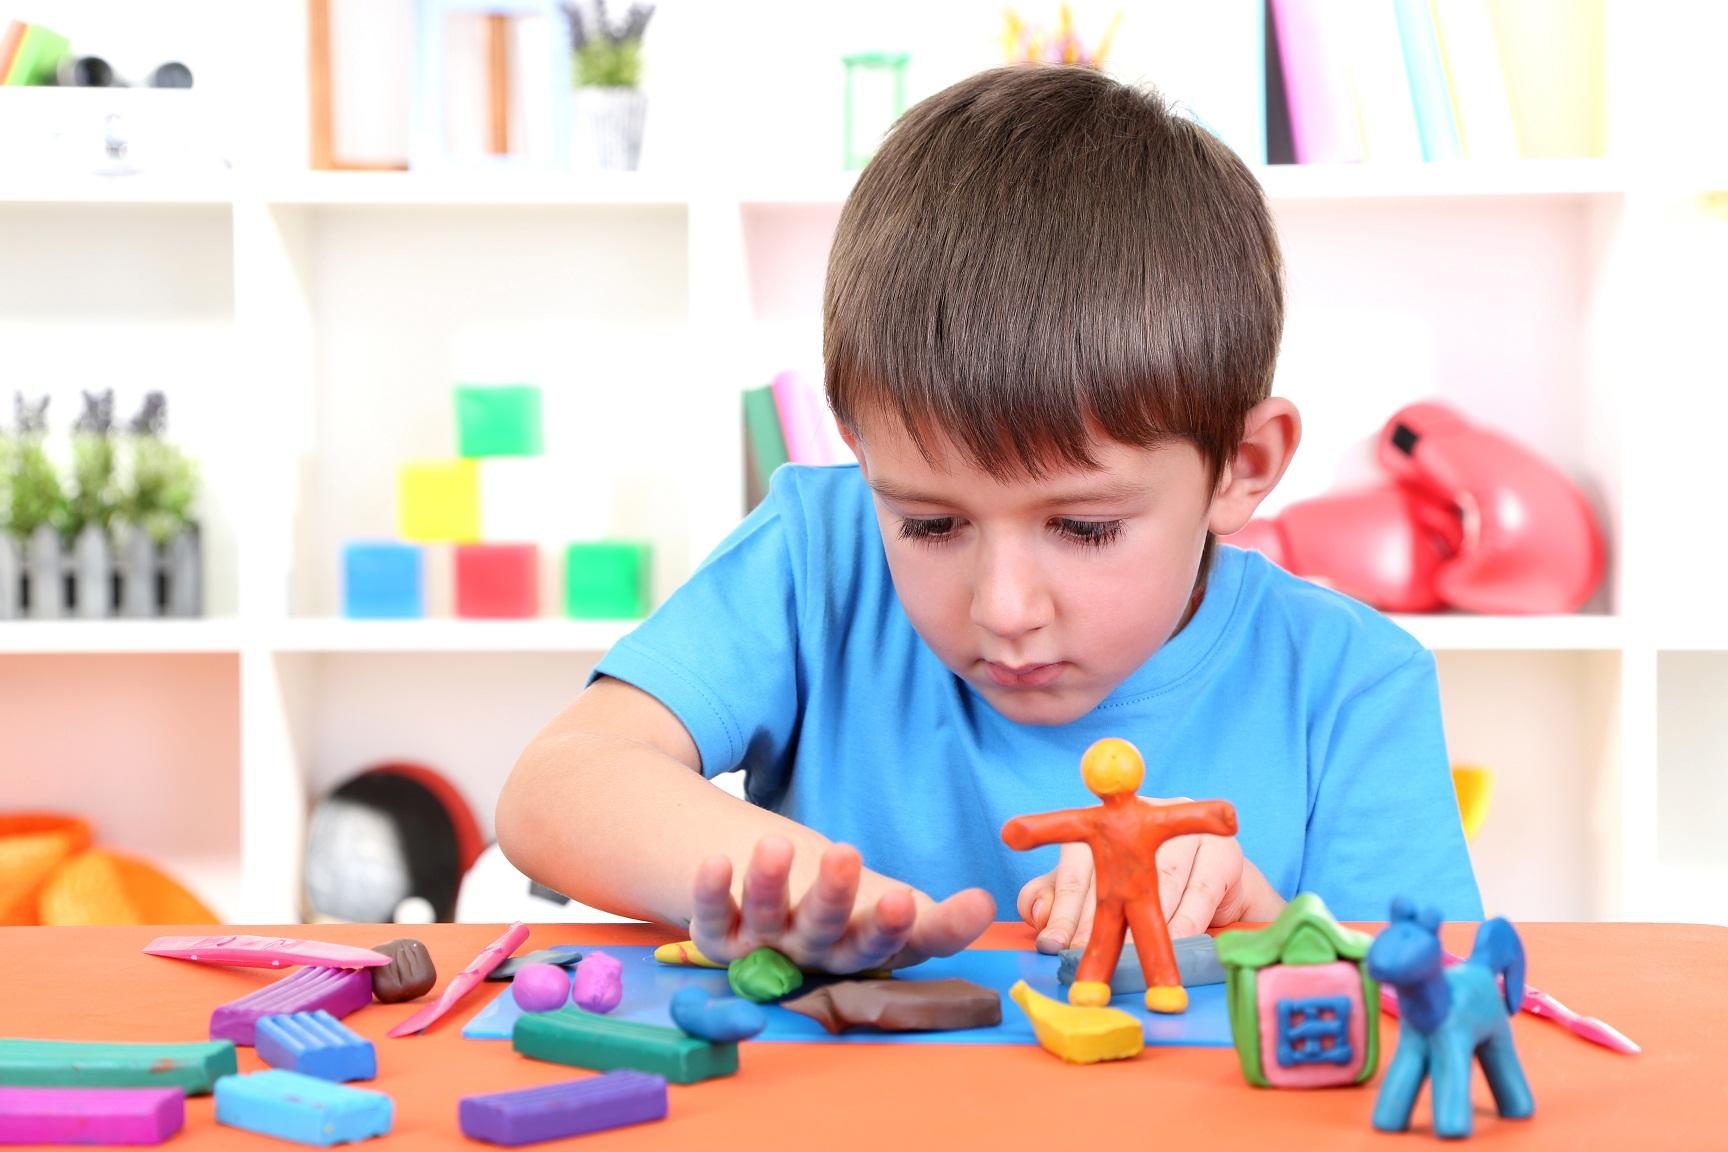 افضل الطرق لتنمية الذكاء عند الاطفال